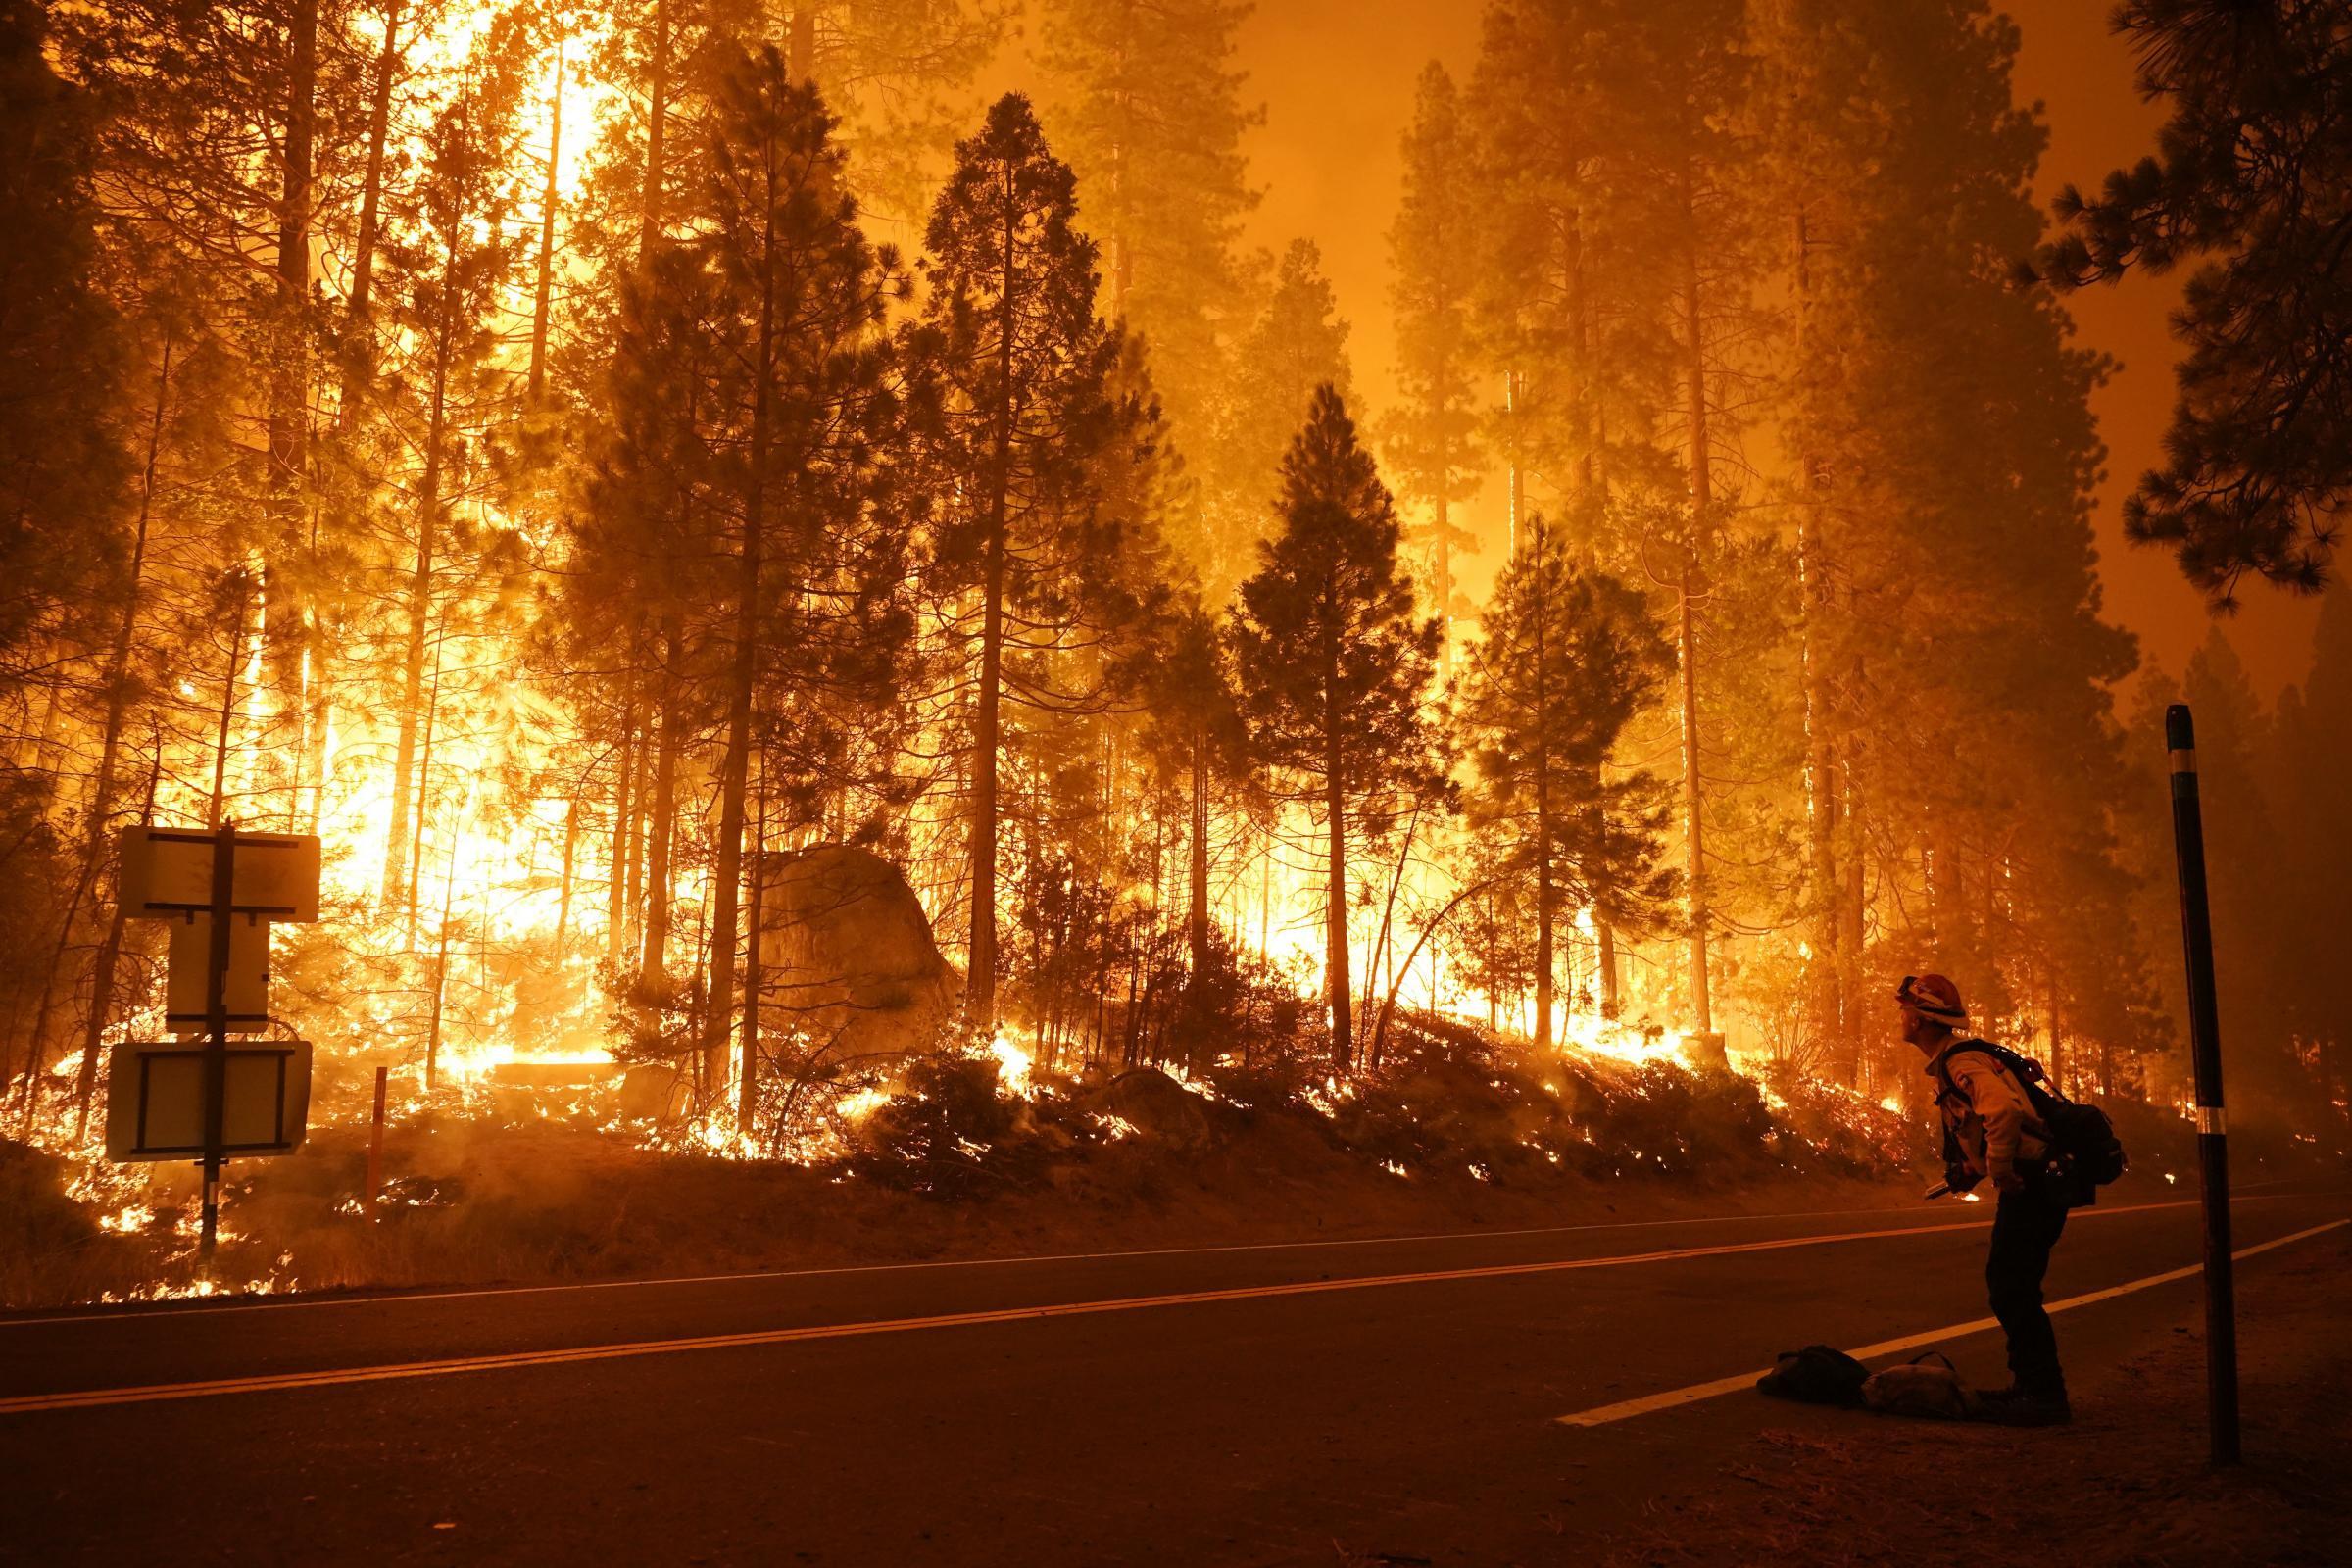 تشهد كاليفورنيا حاليًا موجة قياسية